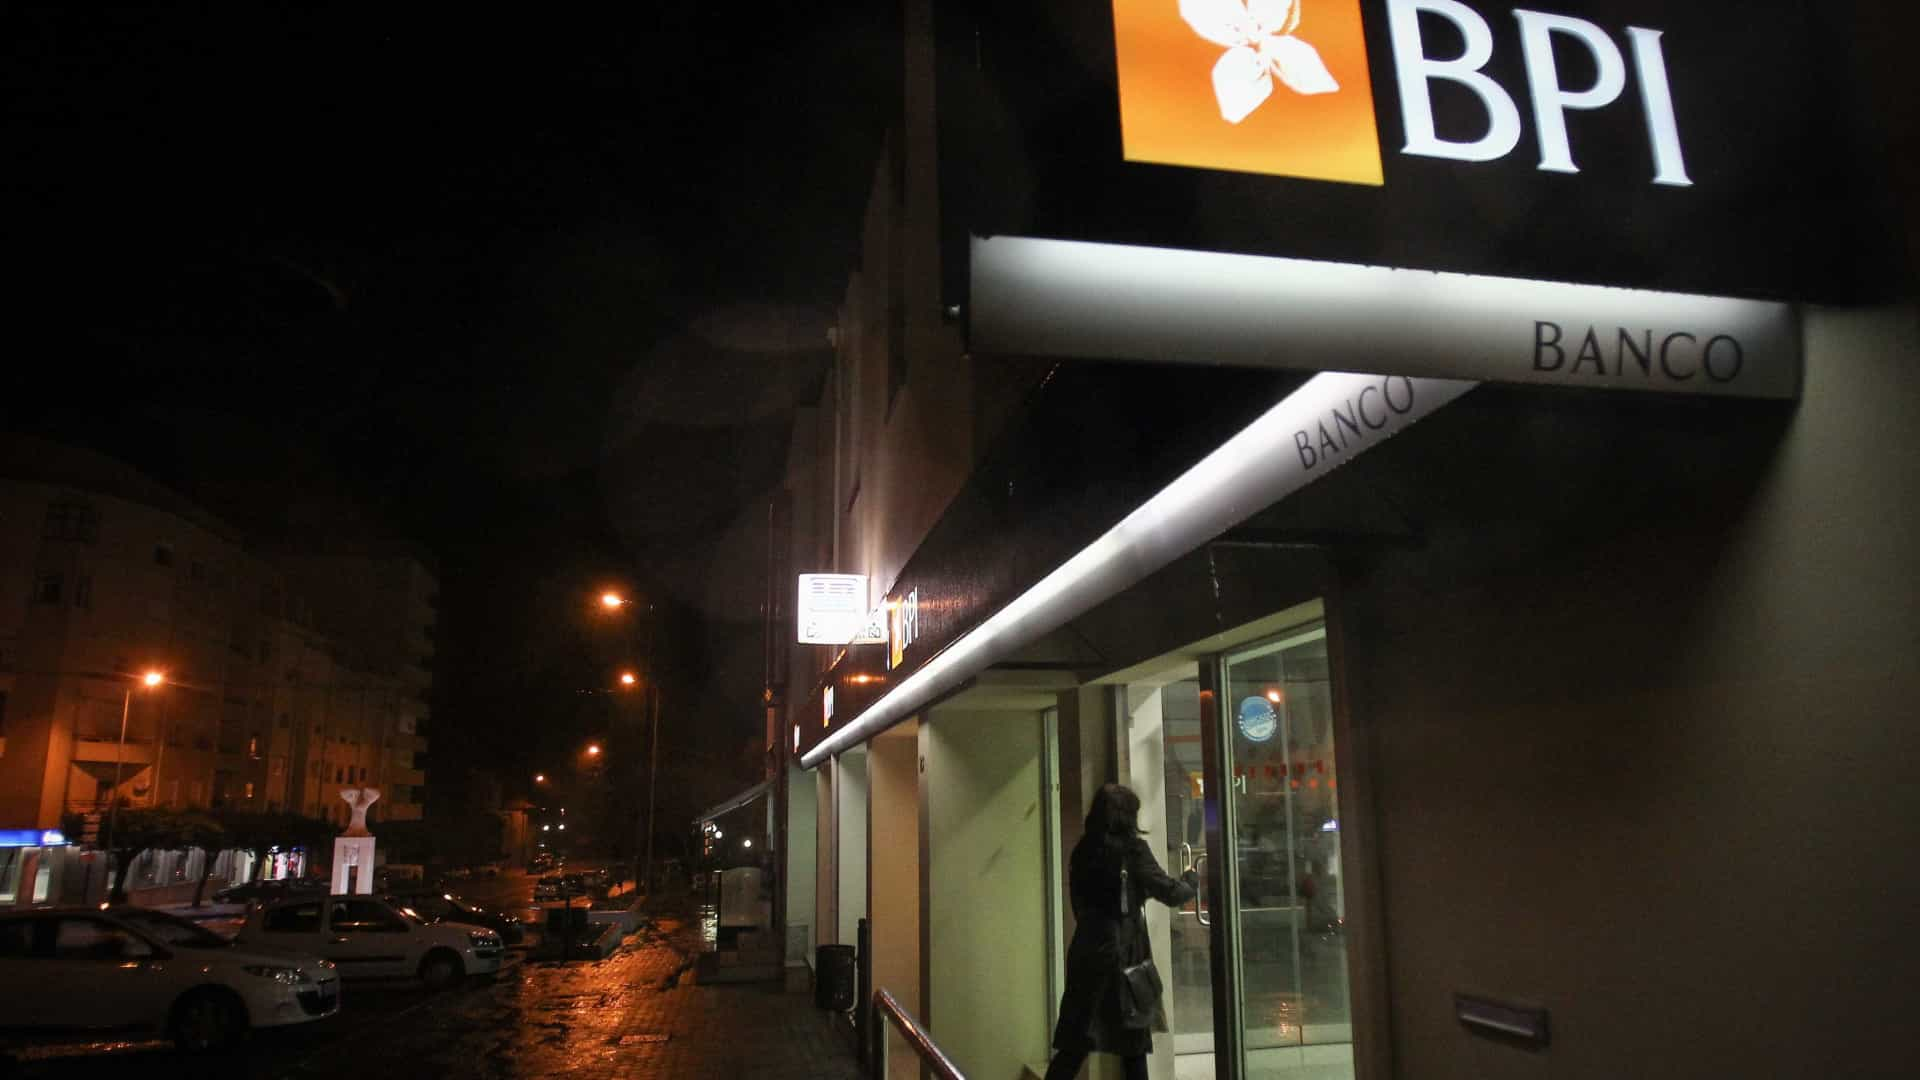 BPI vende 200 milhões em crédito malparado e ativos imobiliários